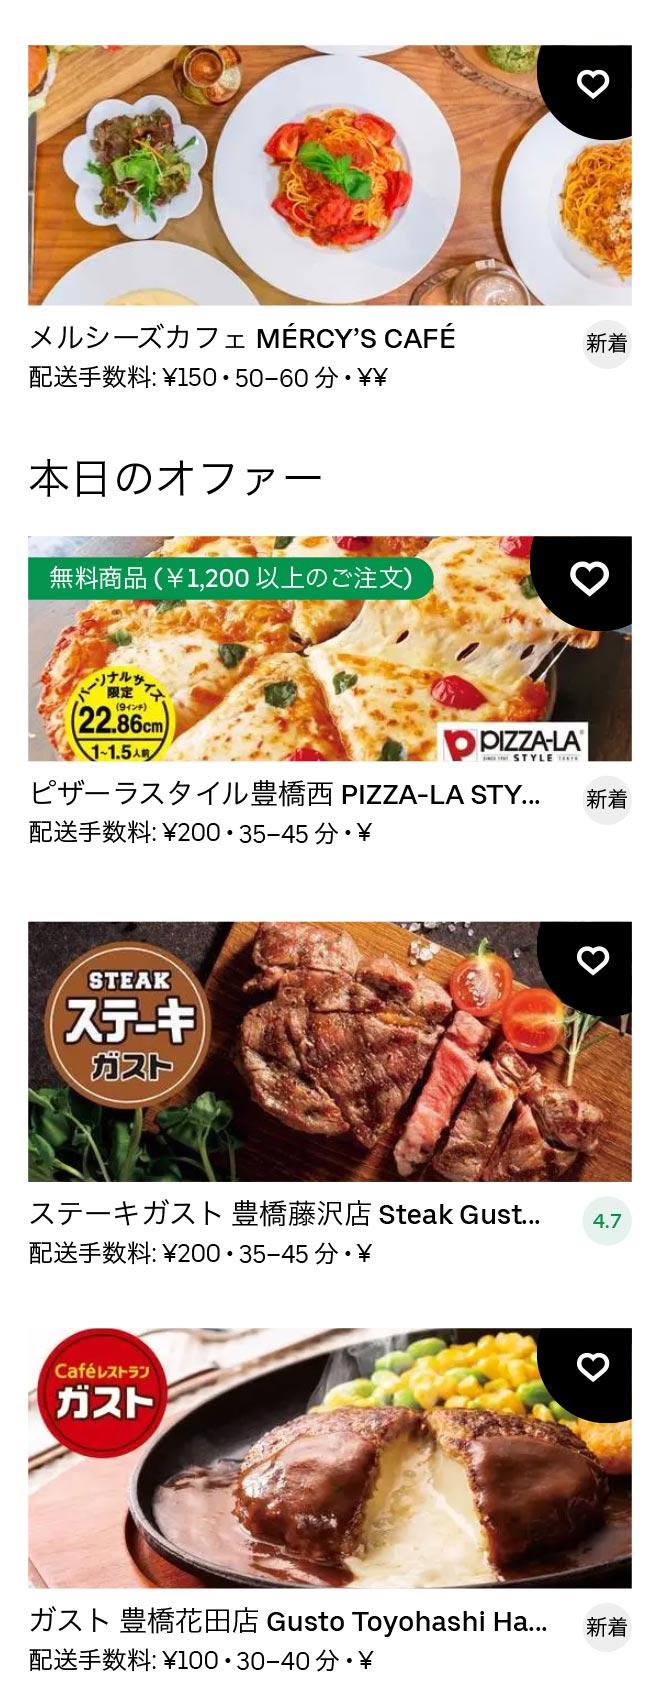 Toyohashi menu 2012 05